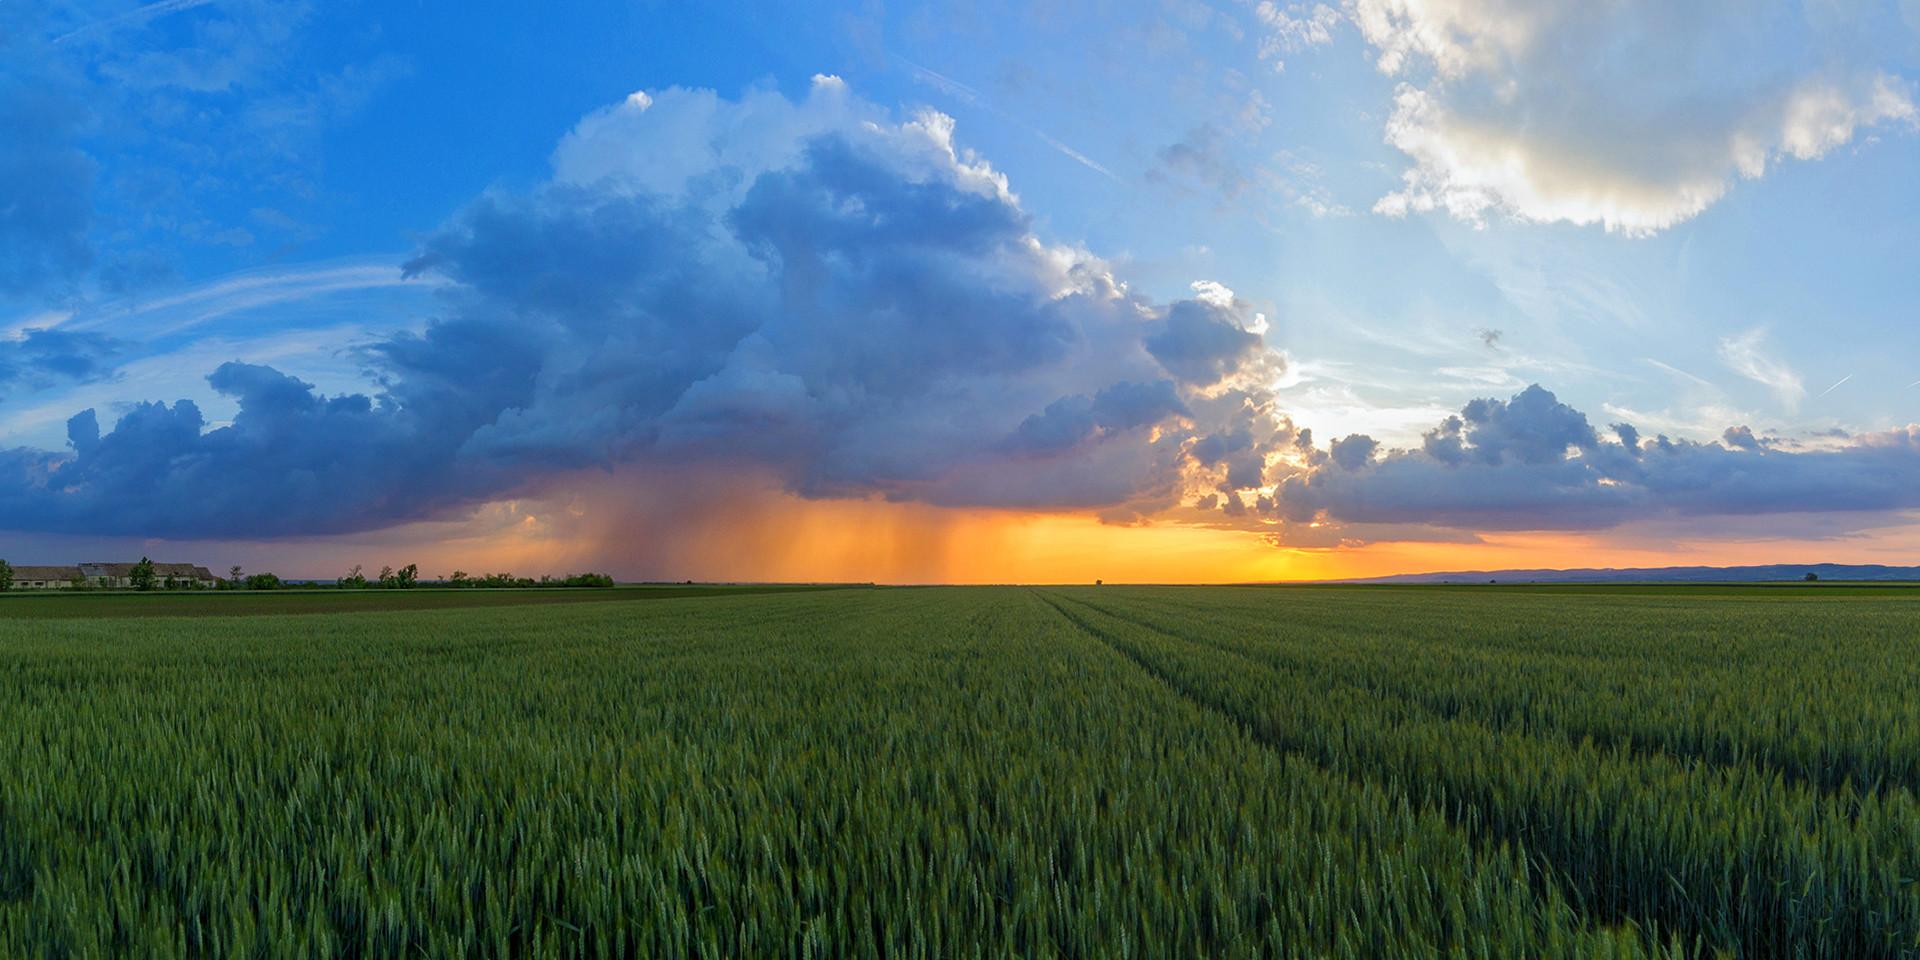 Rain and sunset